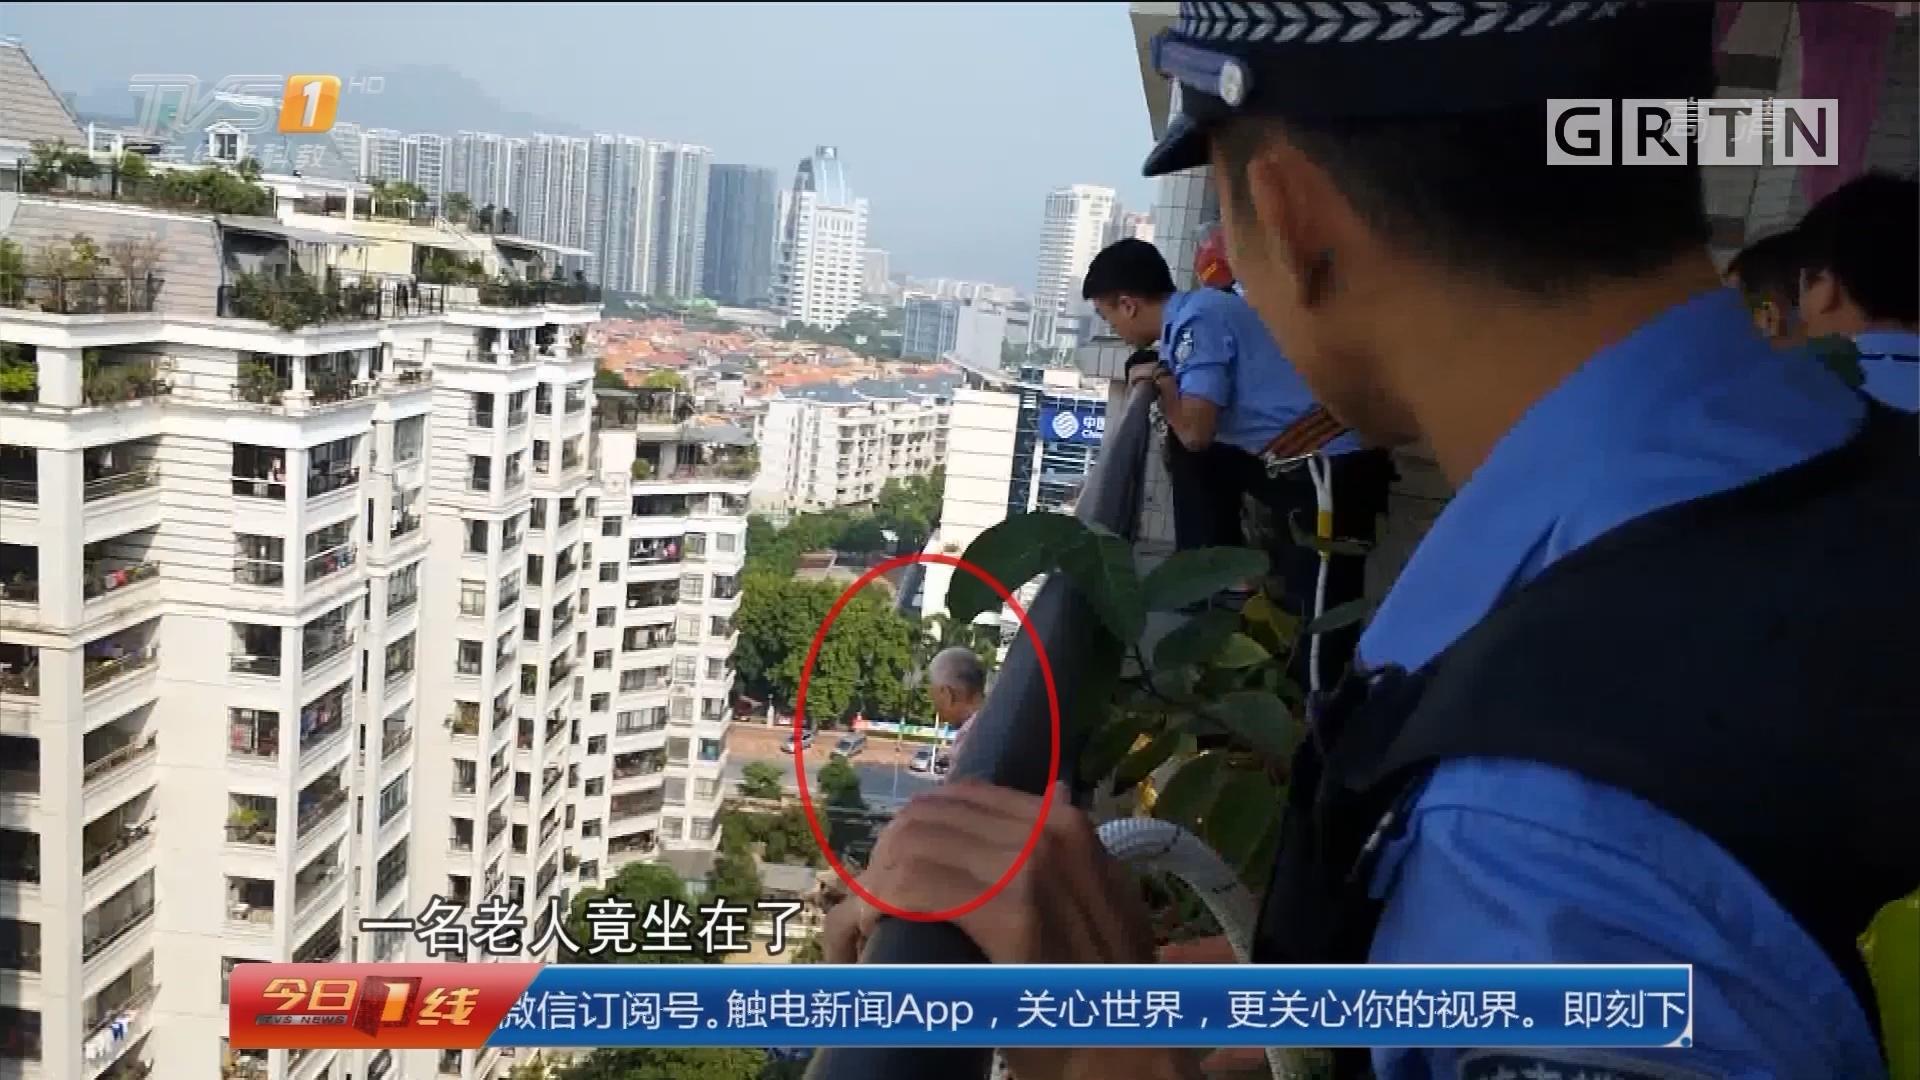 肇庆:老人被困17楼半空 民警消防合力施救